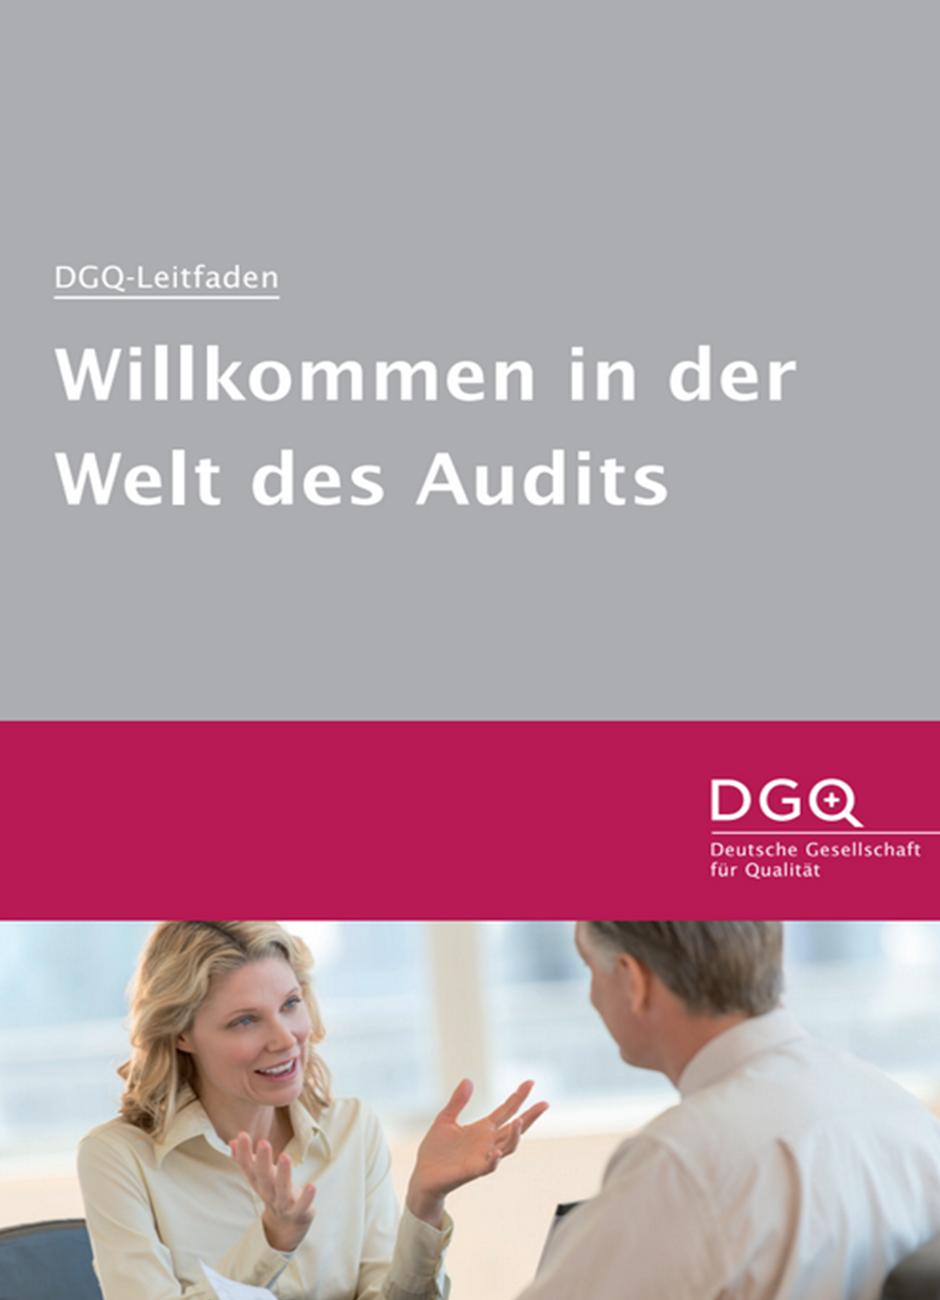 DGQ-Whitepaper: Willkommen in der Welt des Audits